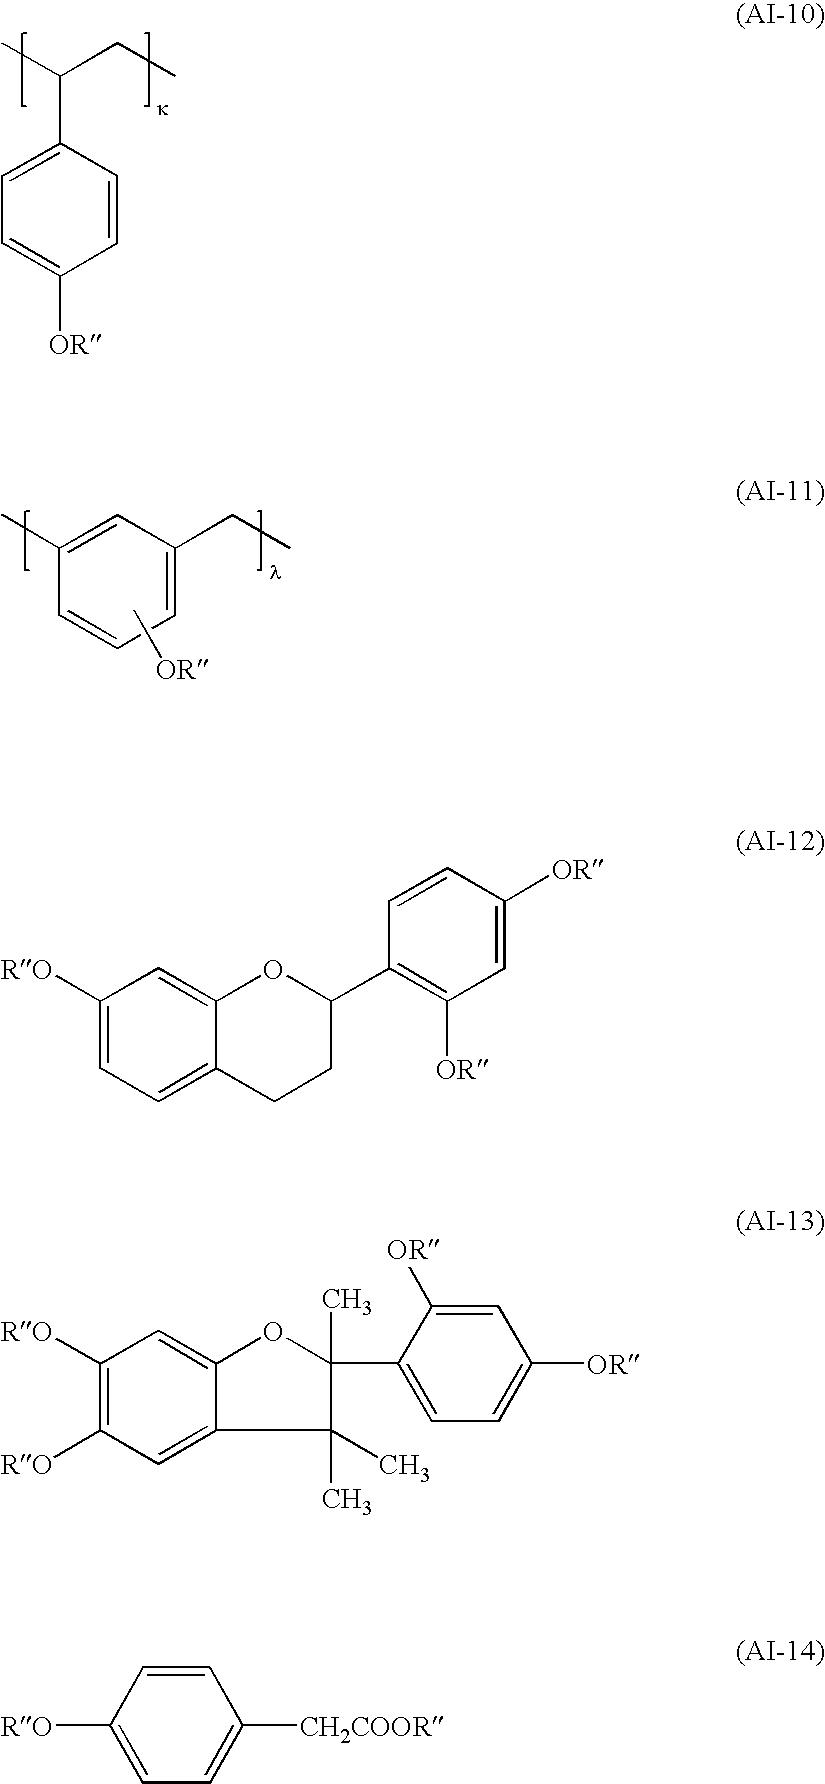 Figure US07368218-20080506-C00056